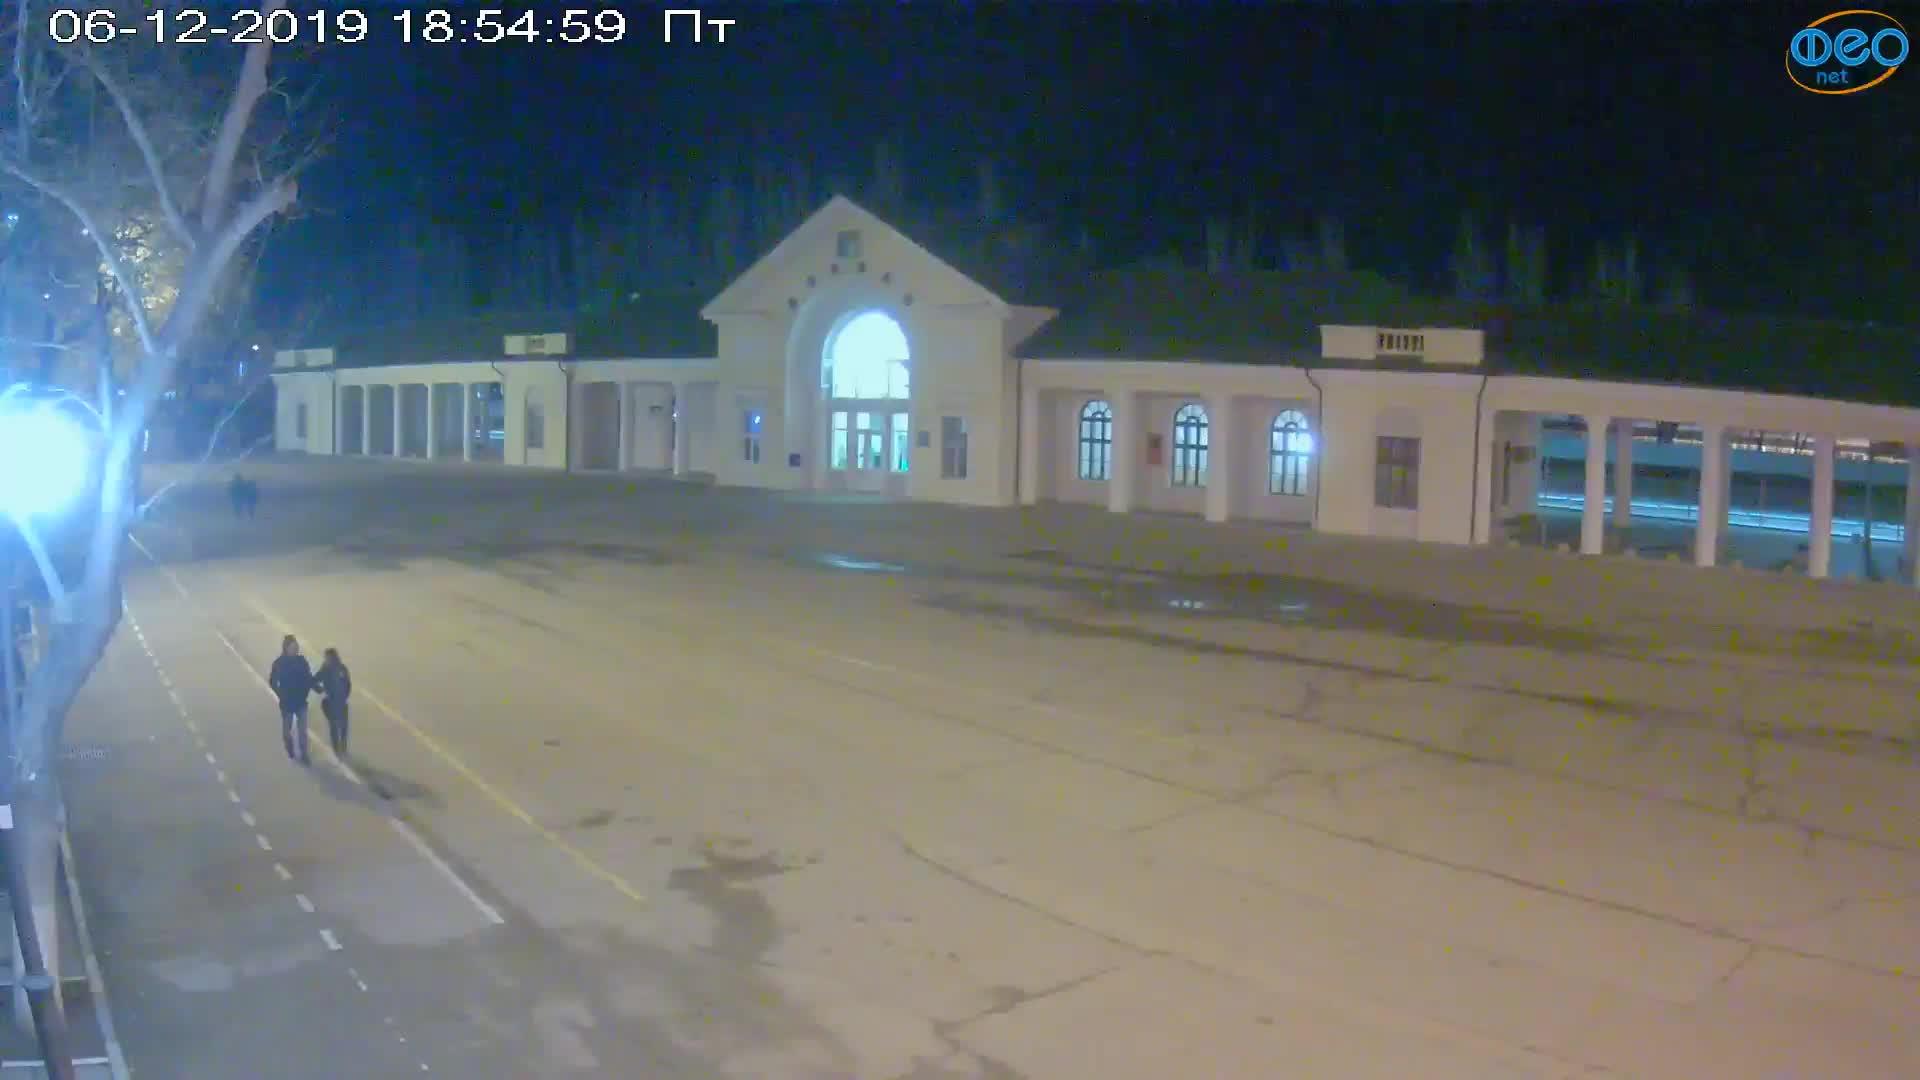 Веб-камеры Феодосии, Привокзальная площадь, 2019-12-06 18:55:18